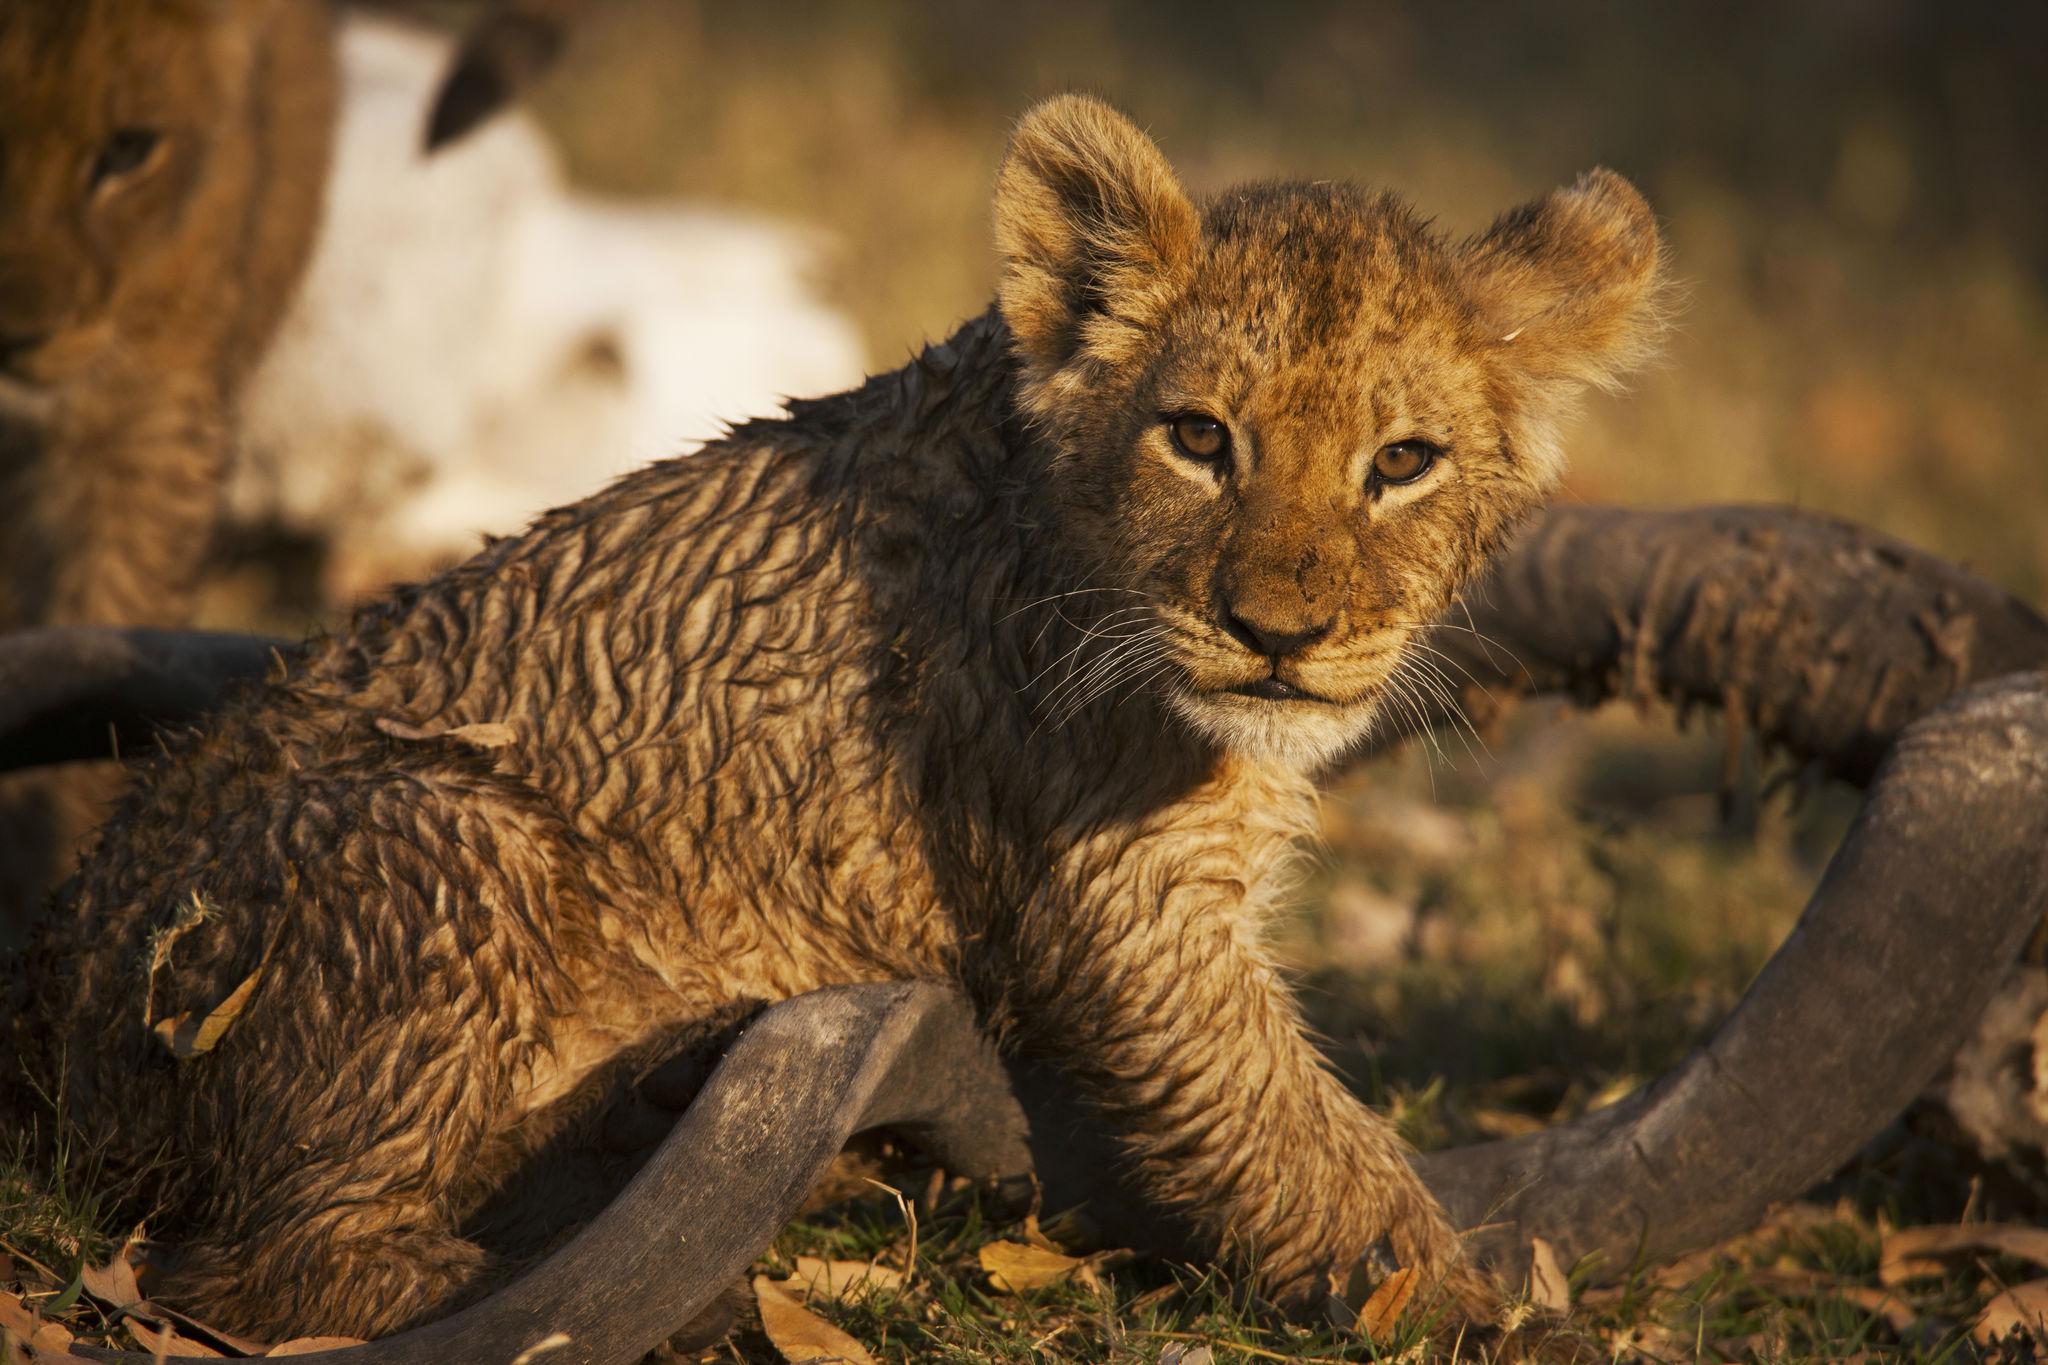 zarafa-camp-wildlife-lions-03